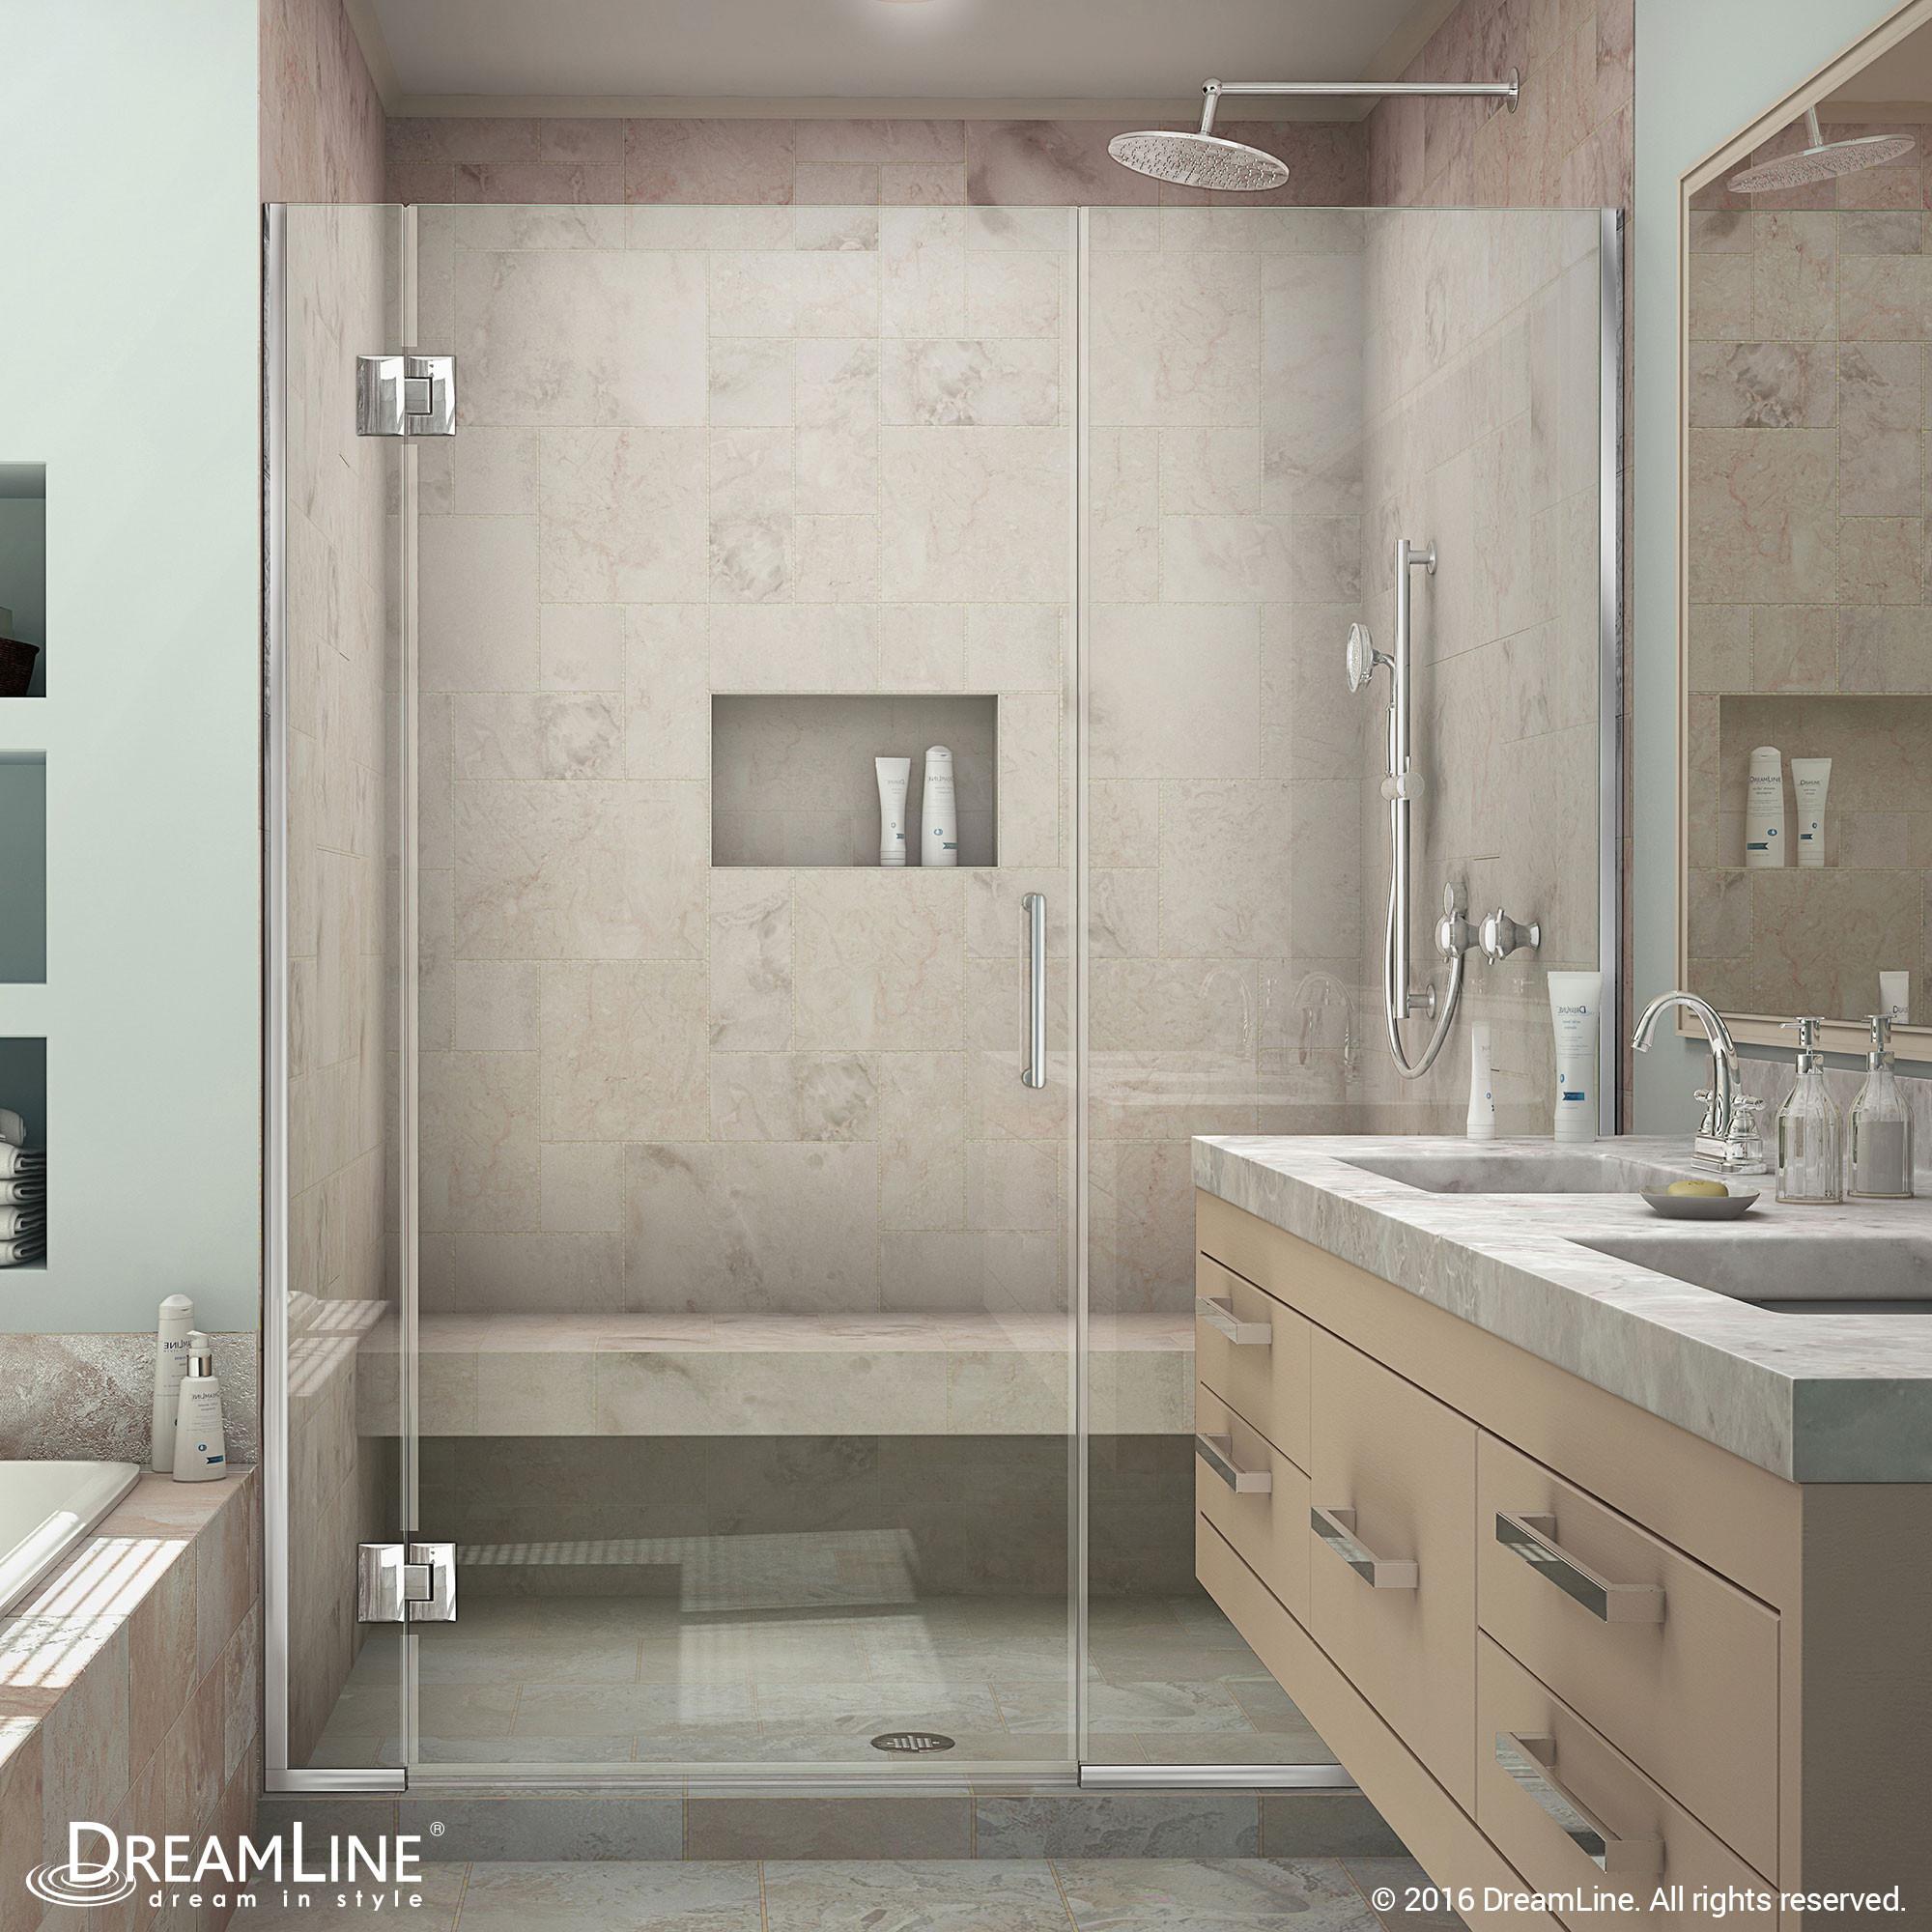 DreamLine D12614572-01 Unidoor-X 46 1/2 - 47 in. W x 72 in. H Hinged Shower Door in Chrome